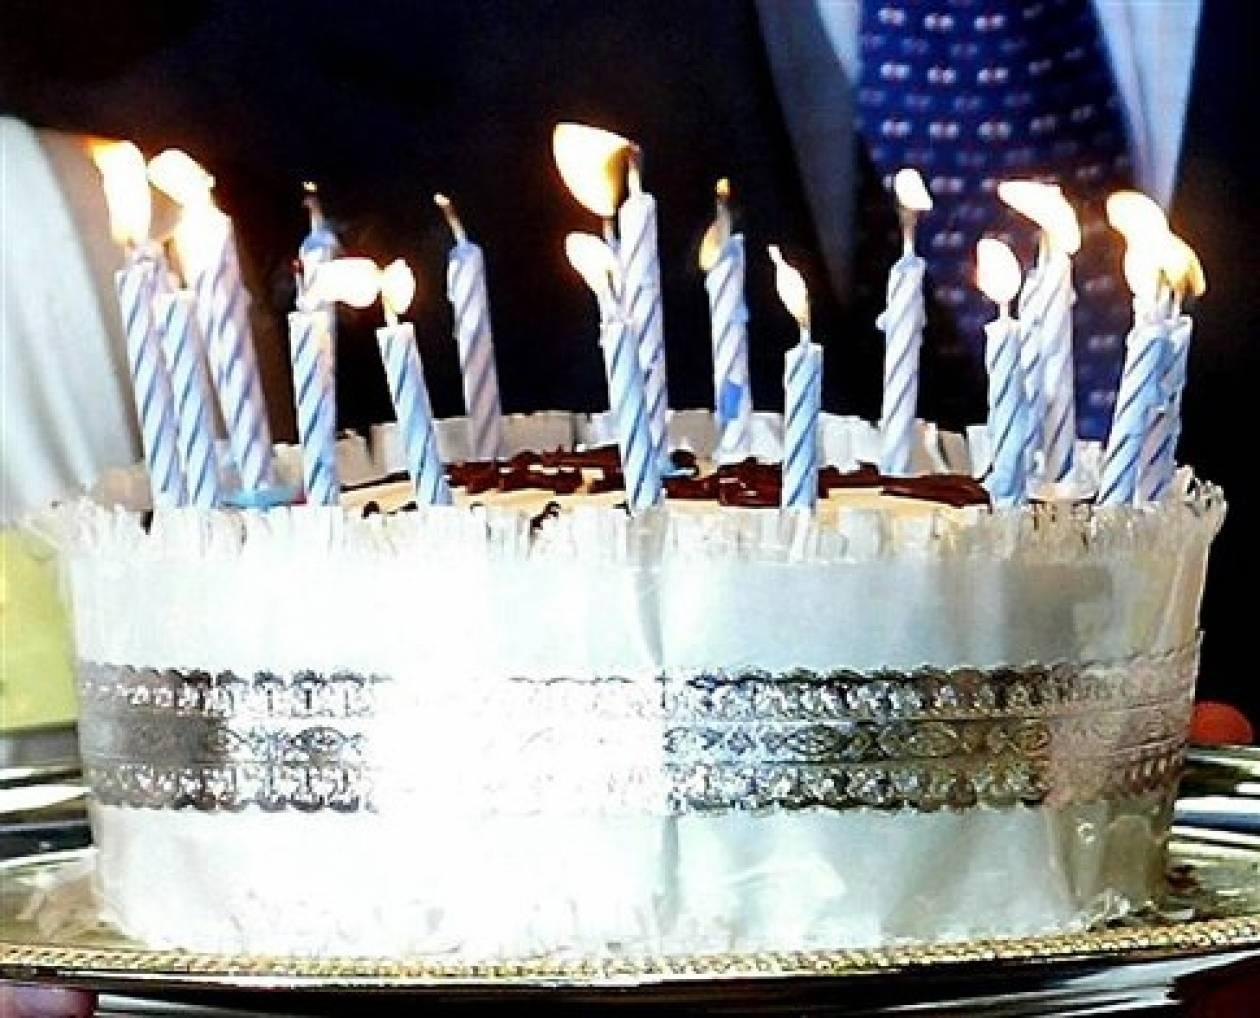 Και όμως... Πιο νόστιμη η τούρτα μετά το τραγούδι γενεθλίων